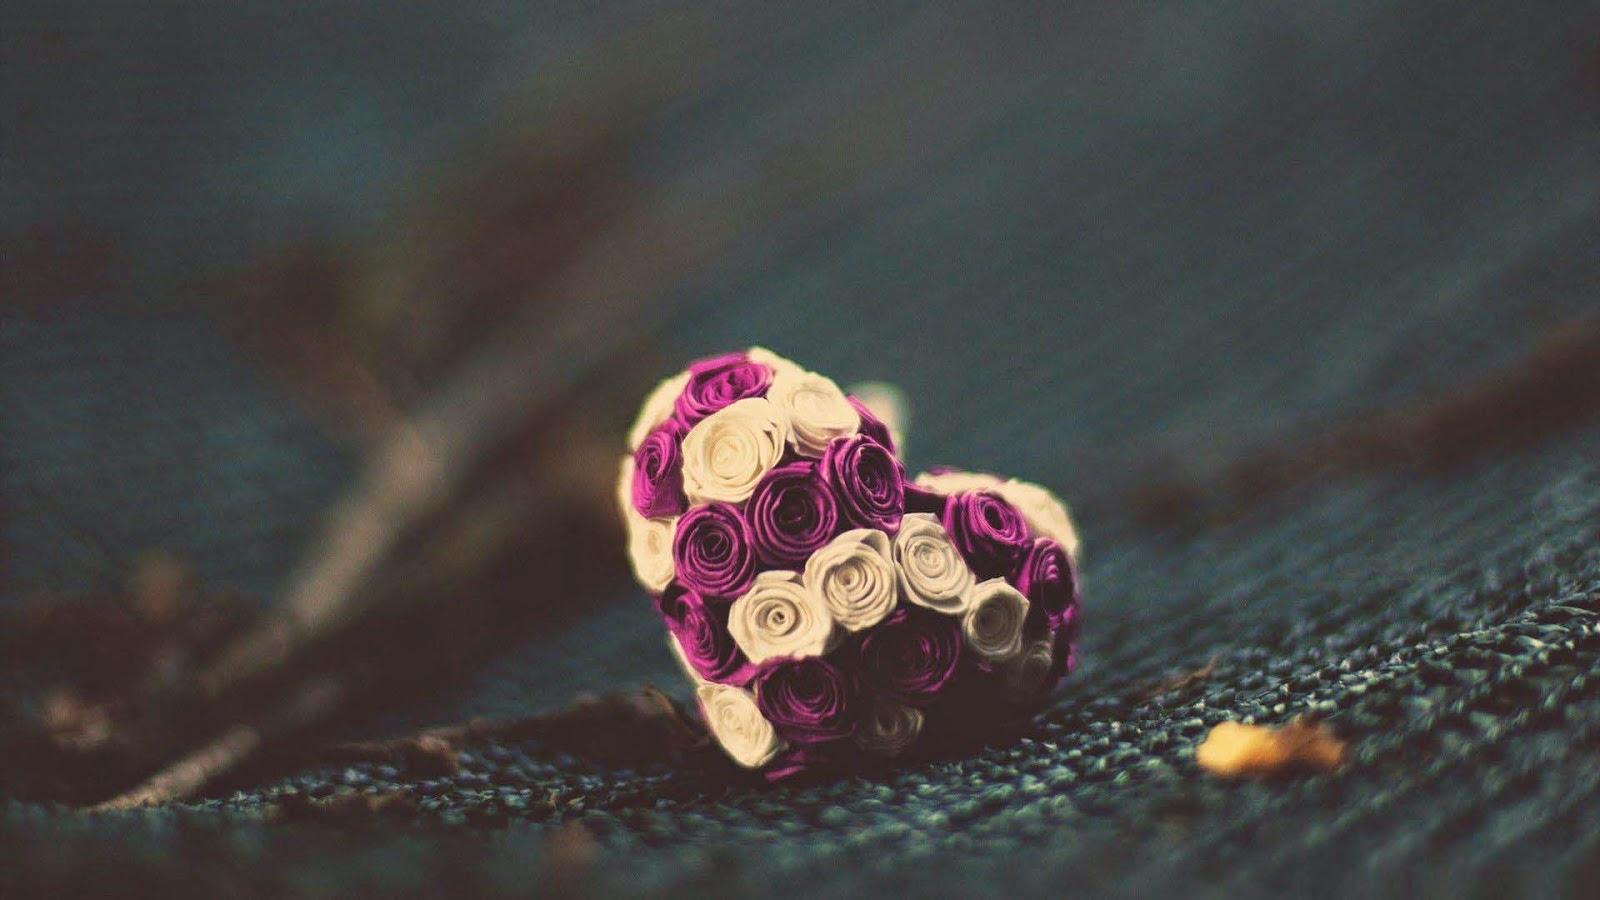 heart-of-rose-wallpaper